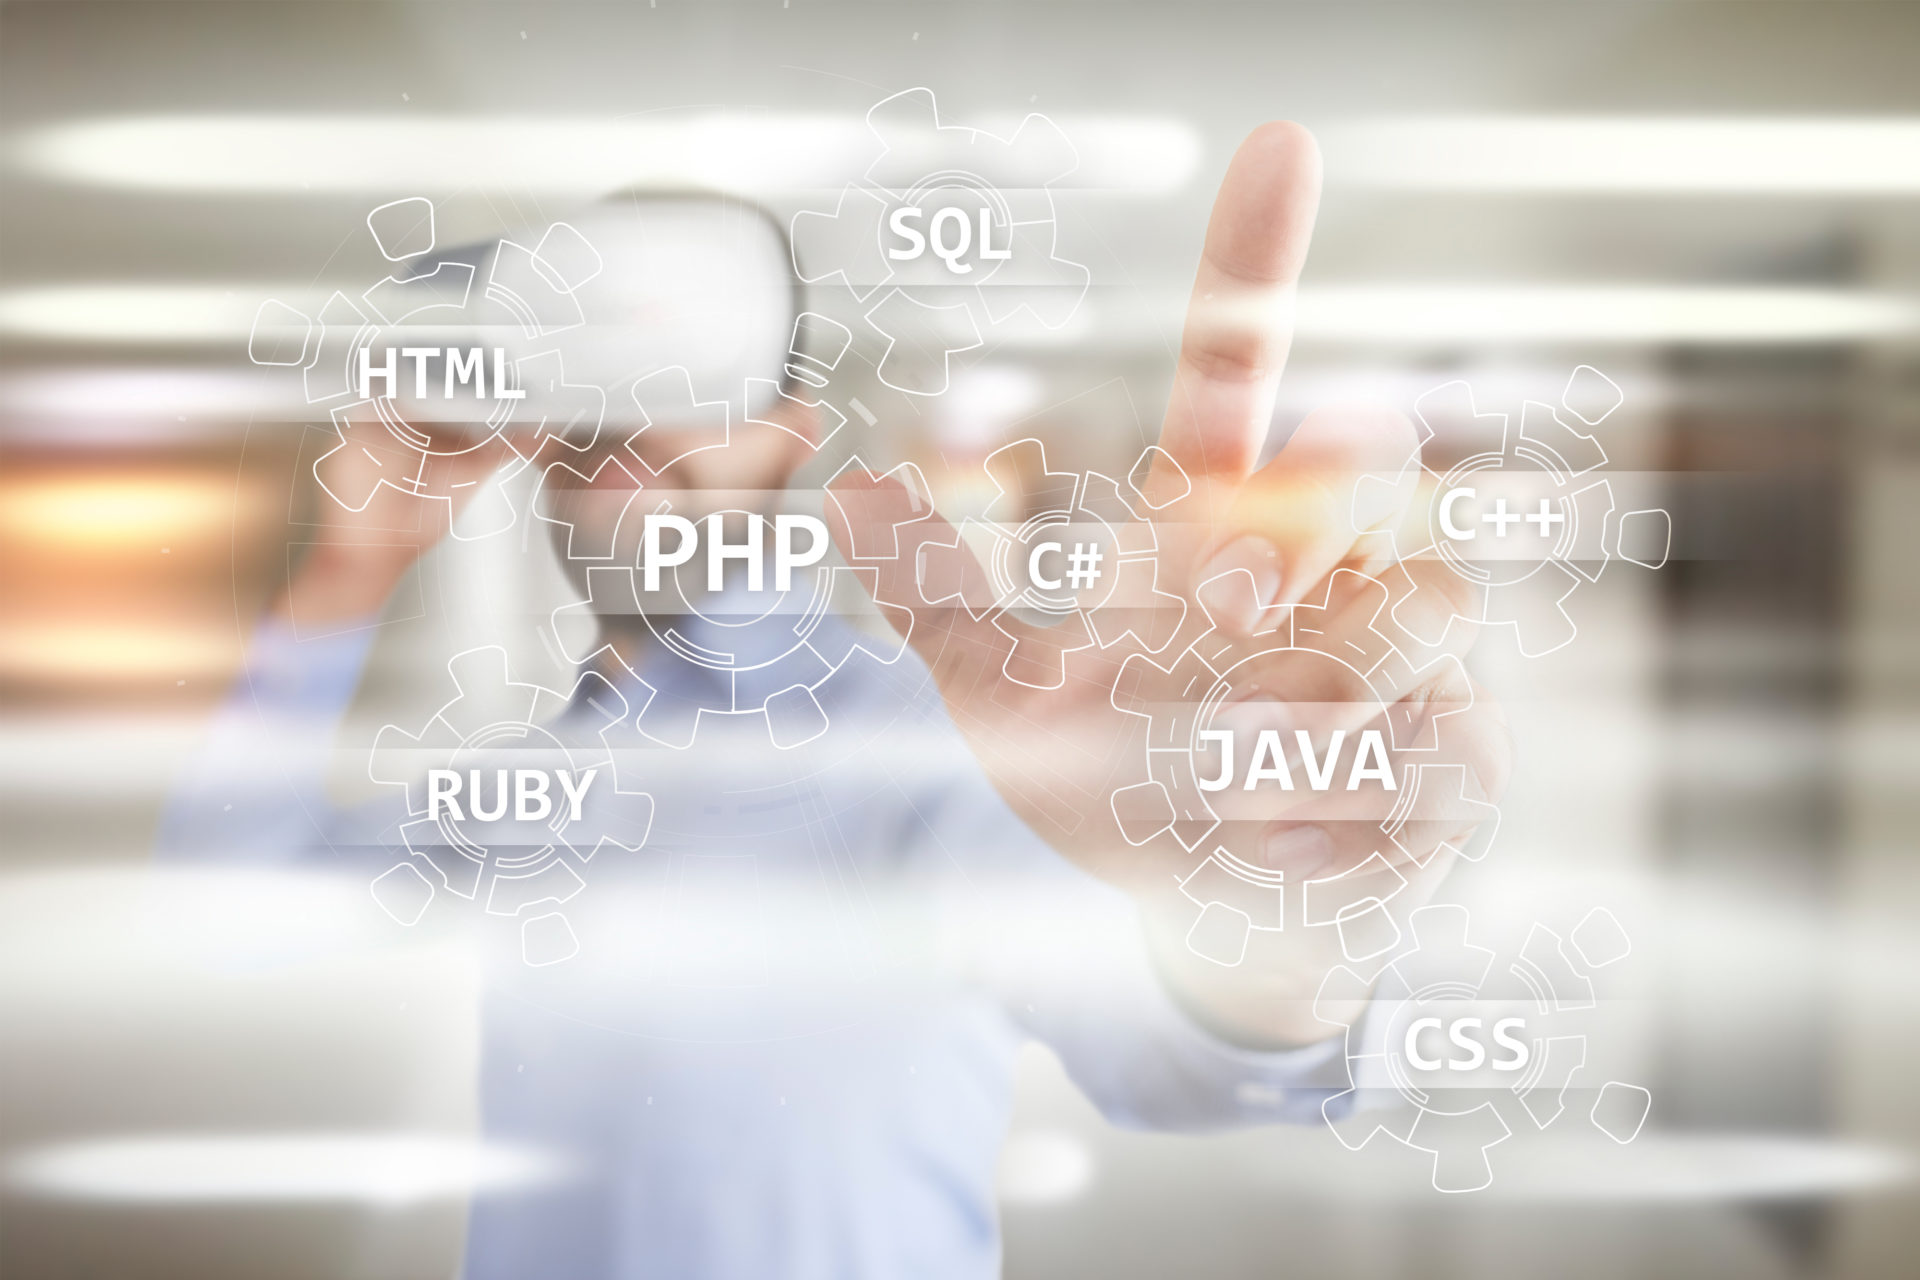 Яку мову програмування варто використати на проекті?